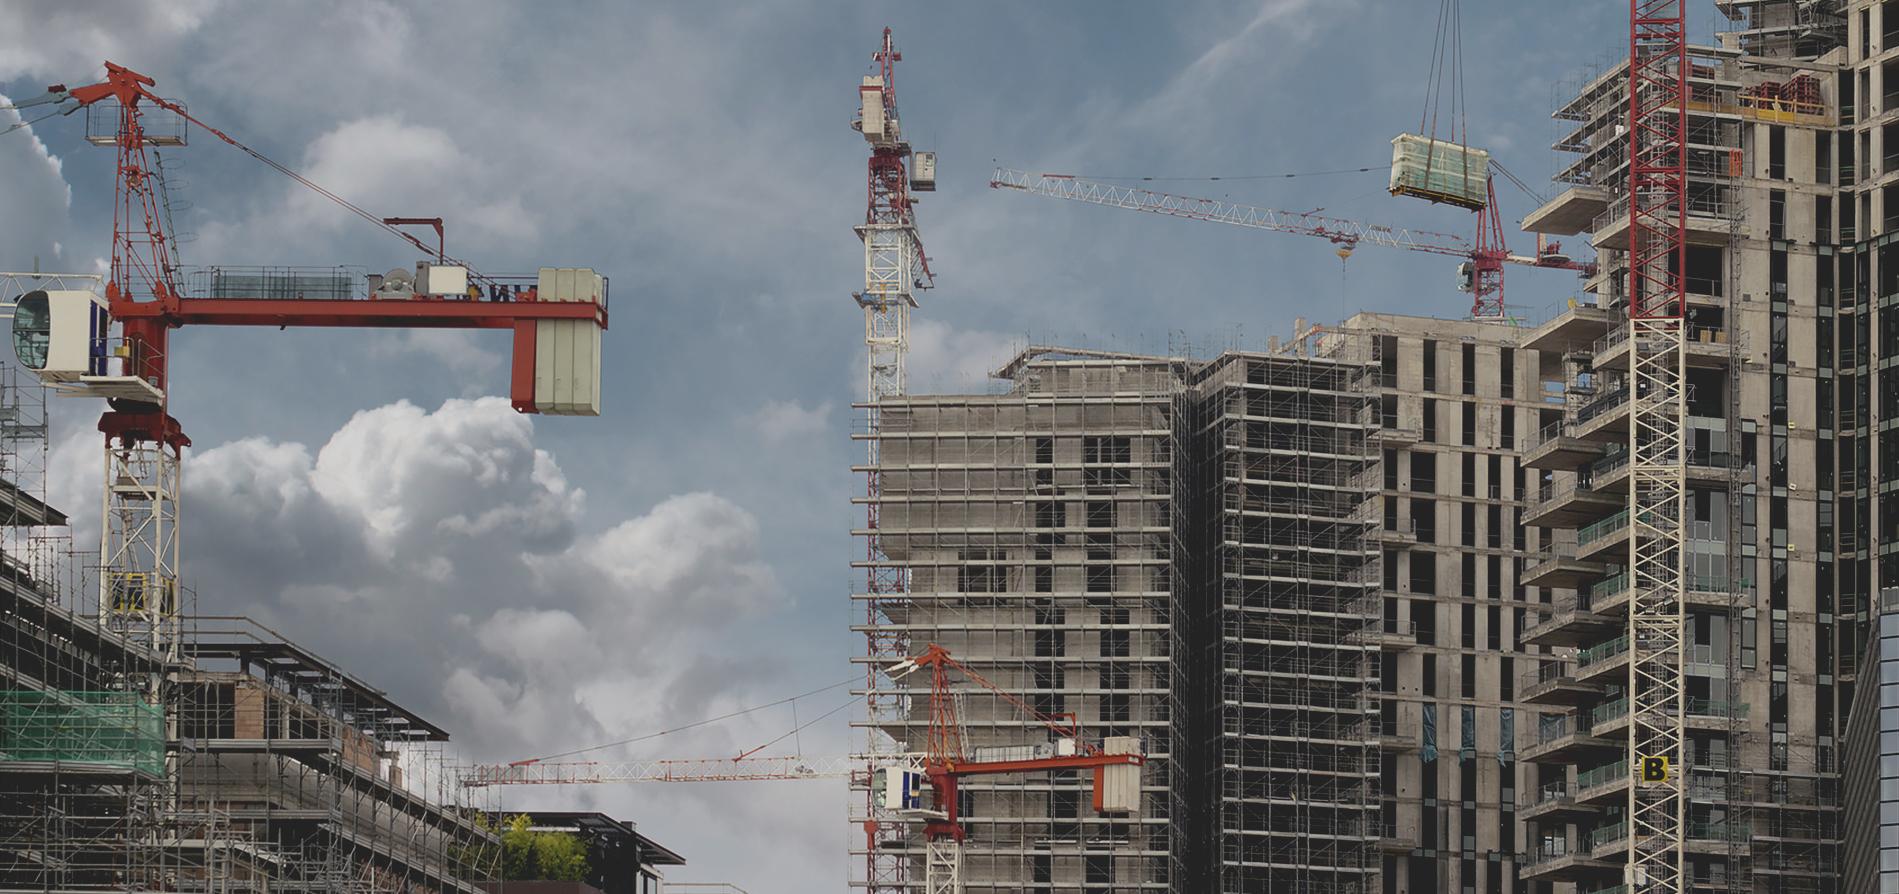 Proingbygg byggnadsplats med kran